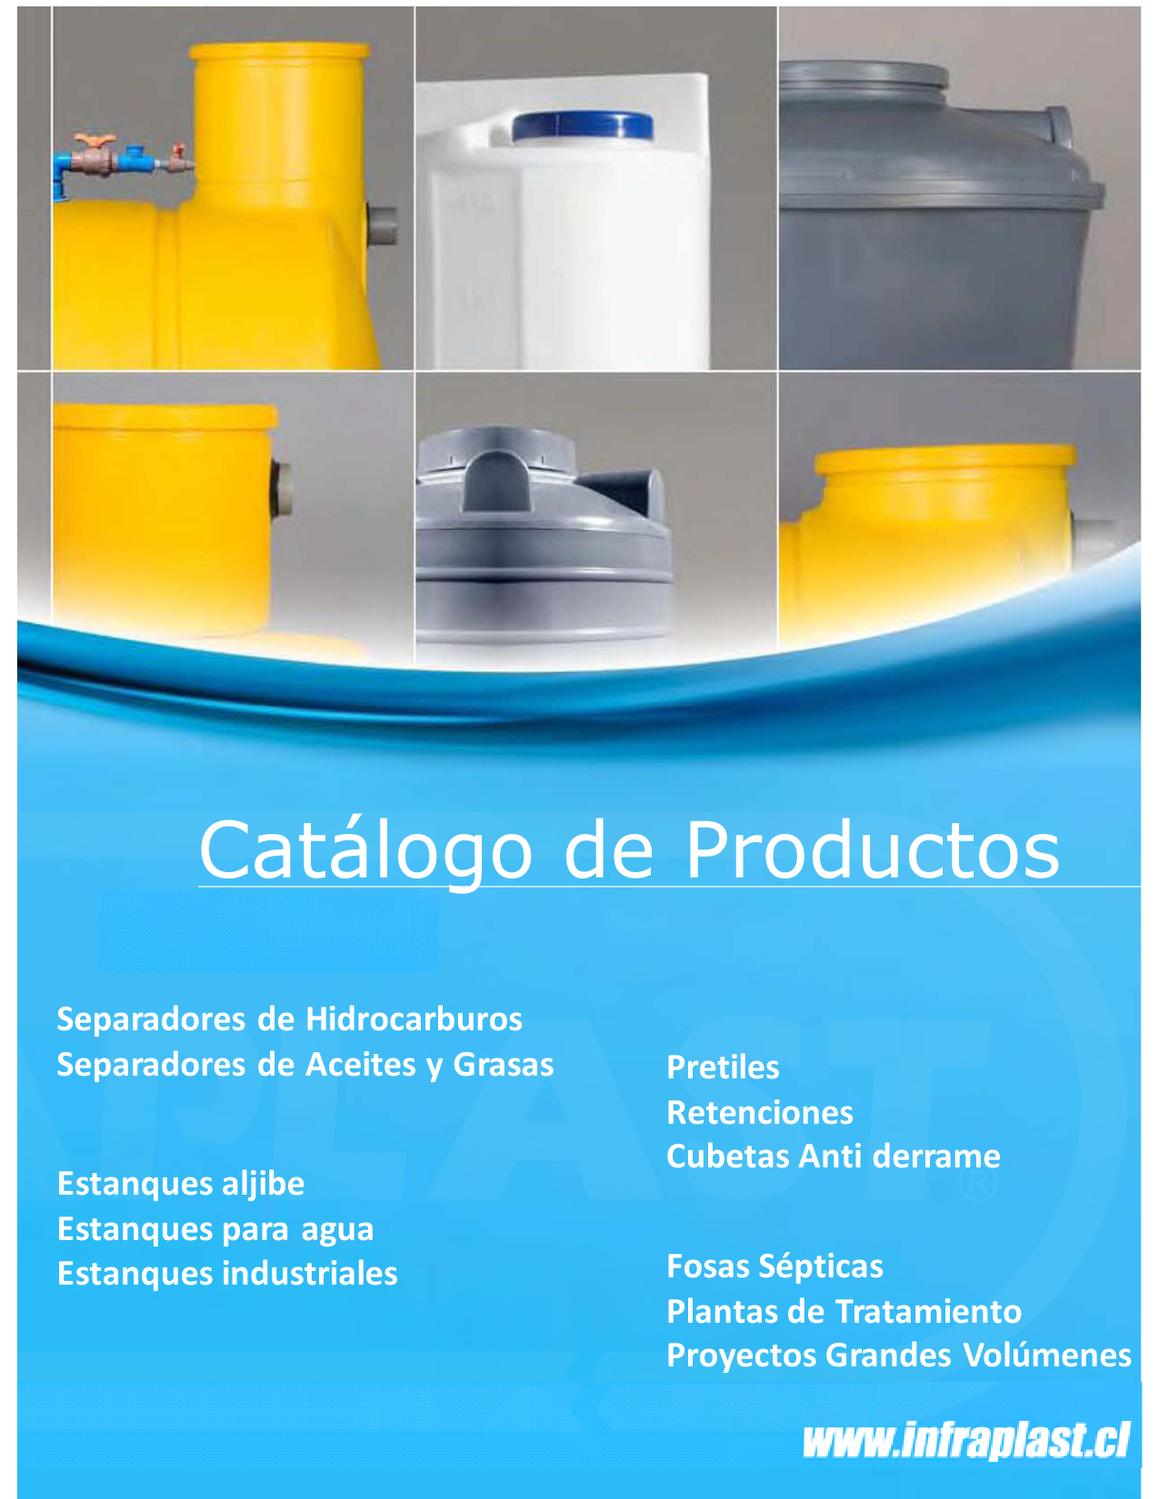 Catalogo productos infraplast 2012 by laetitia roucher issuu for Estanque aljibe